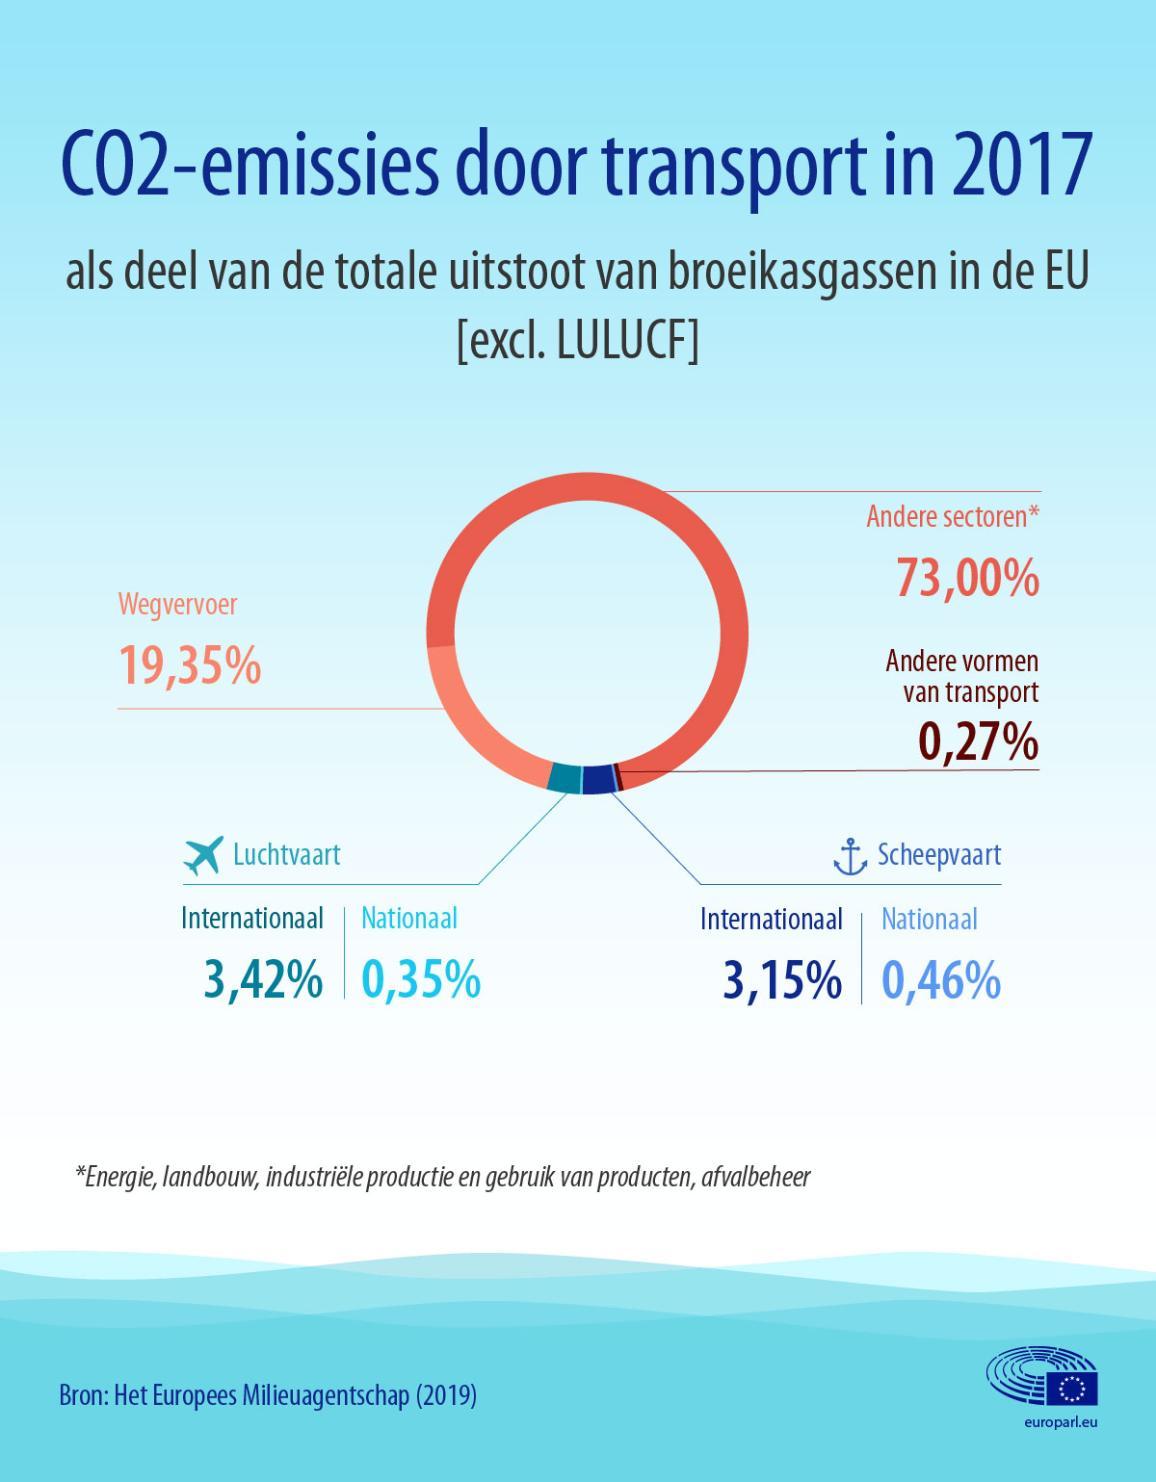 Infografiek over de uitstoot in de transportsector, inclusief lucht- en scheepvaart, als deel van de totale broeikasgasemissie in de EU